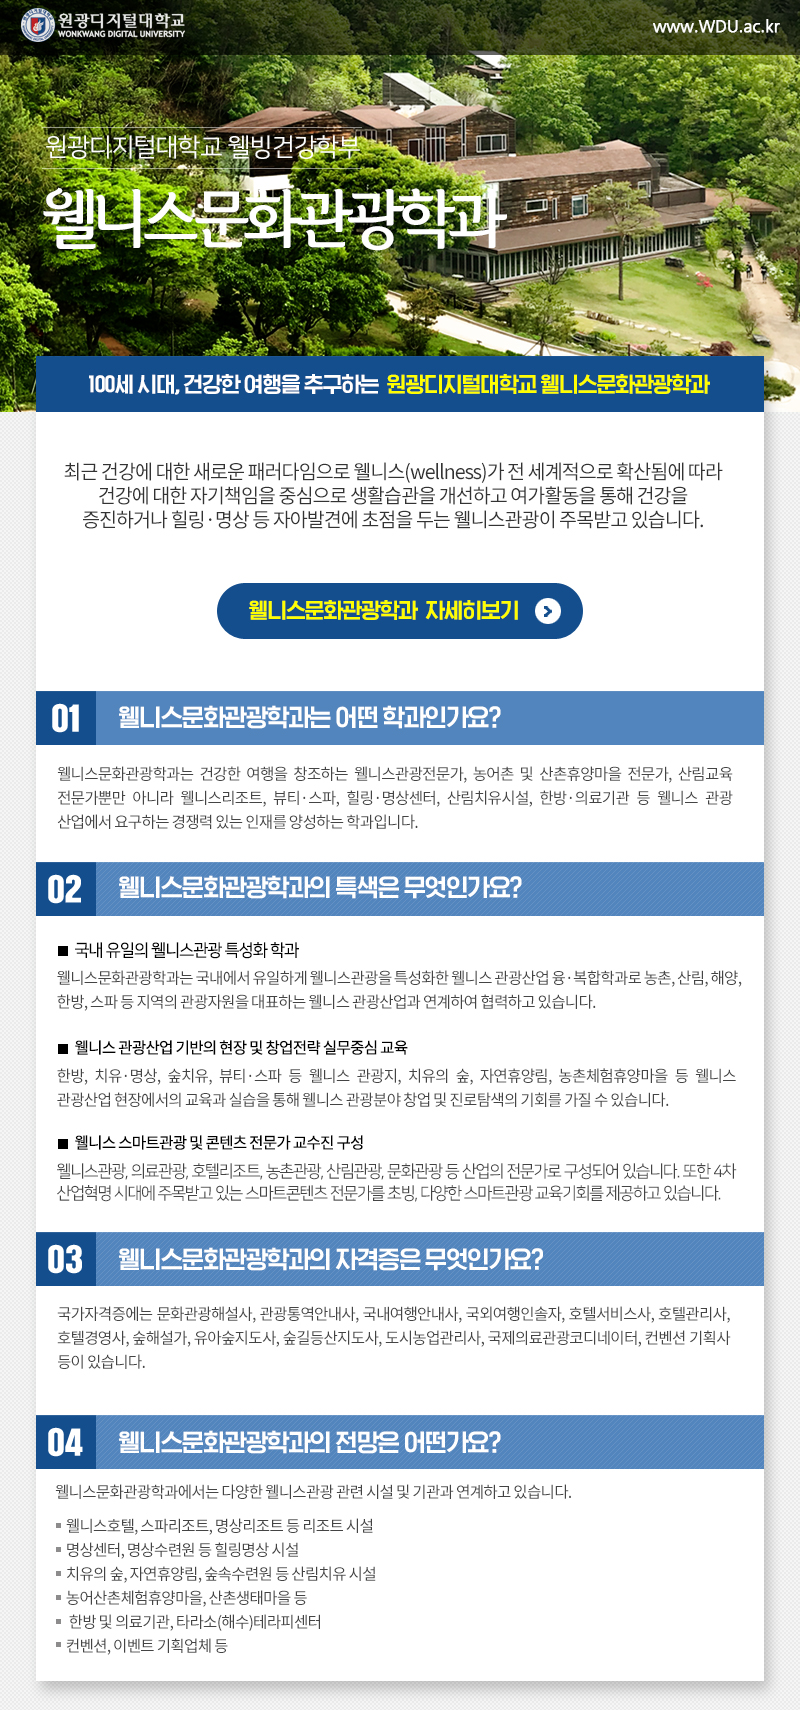 원광디지털대학교 웰니스문화관광학과 바로가기